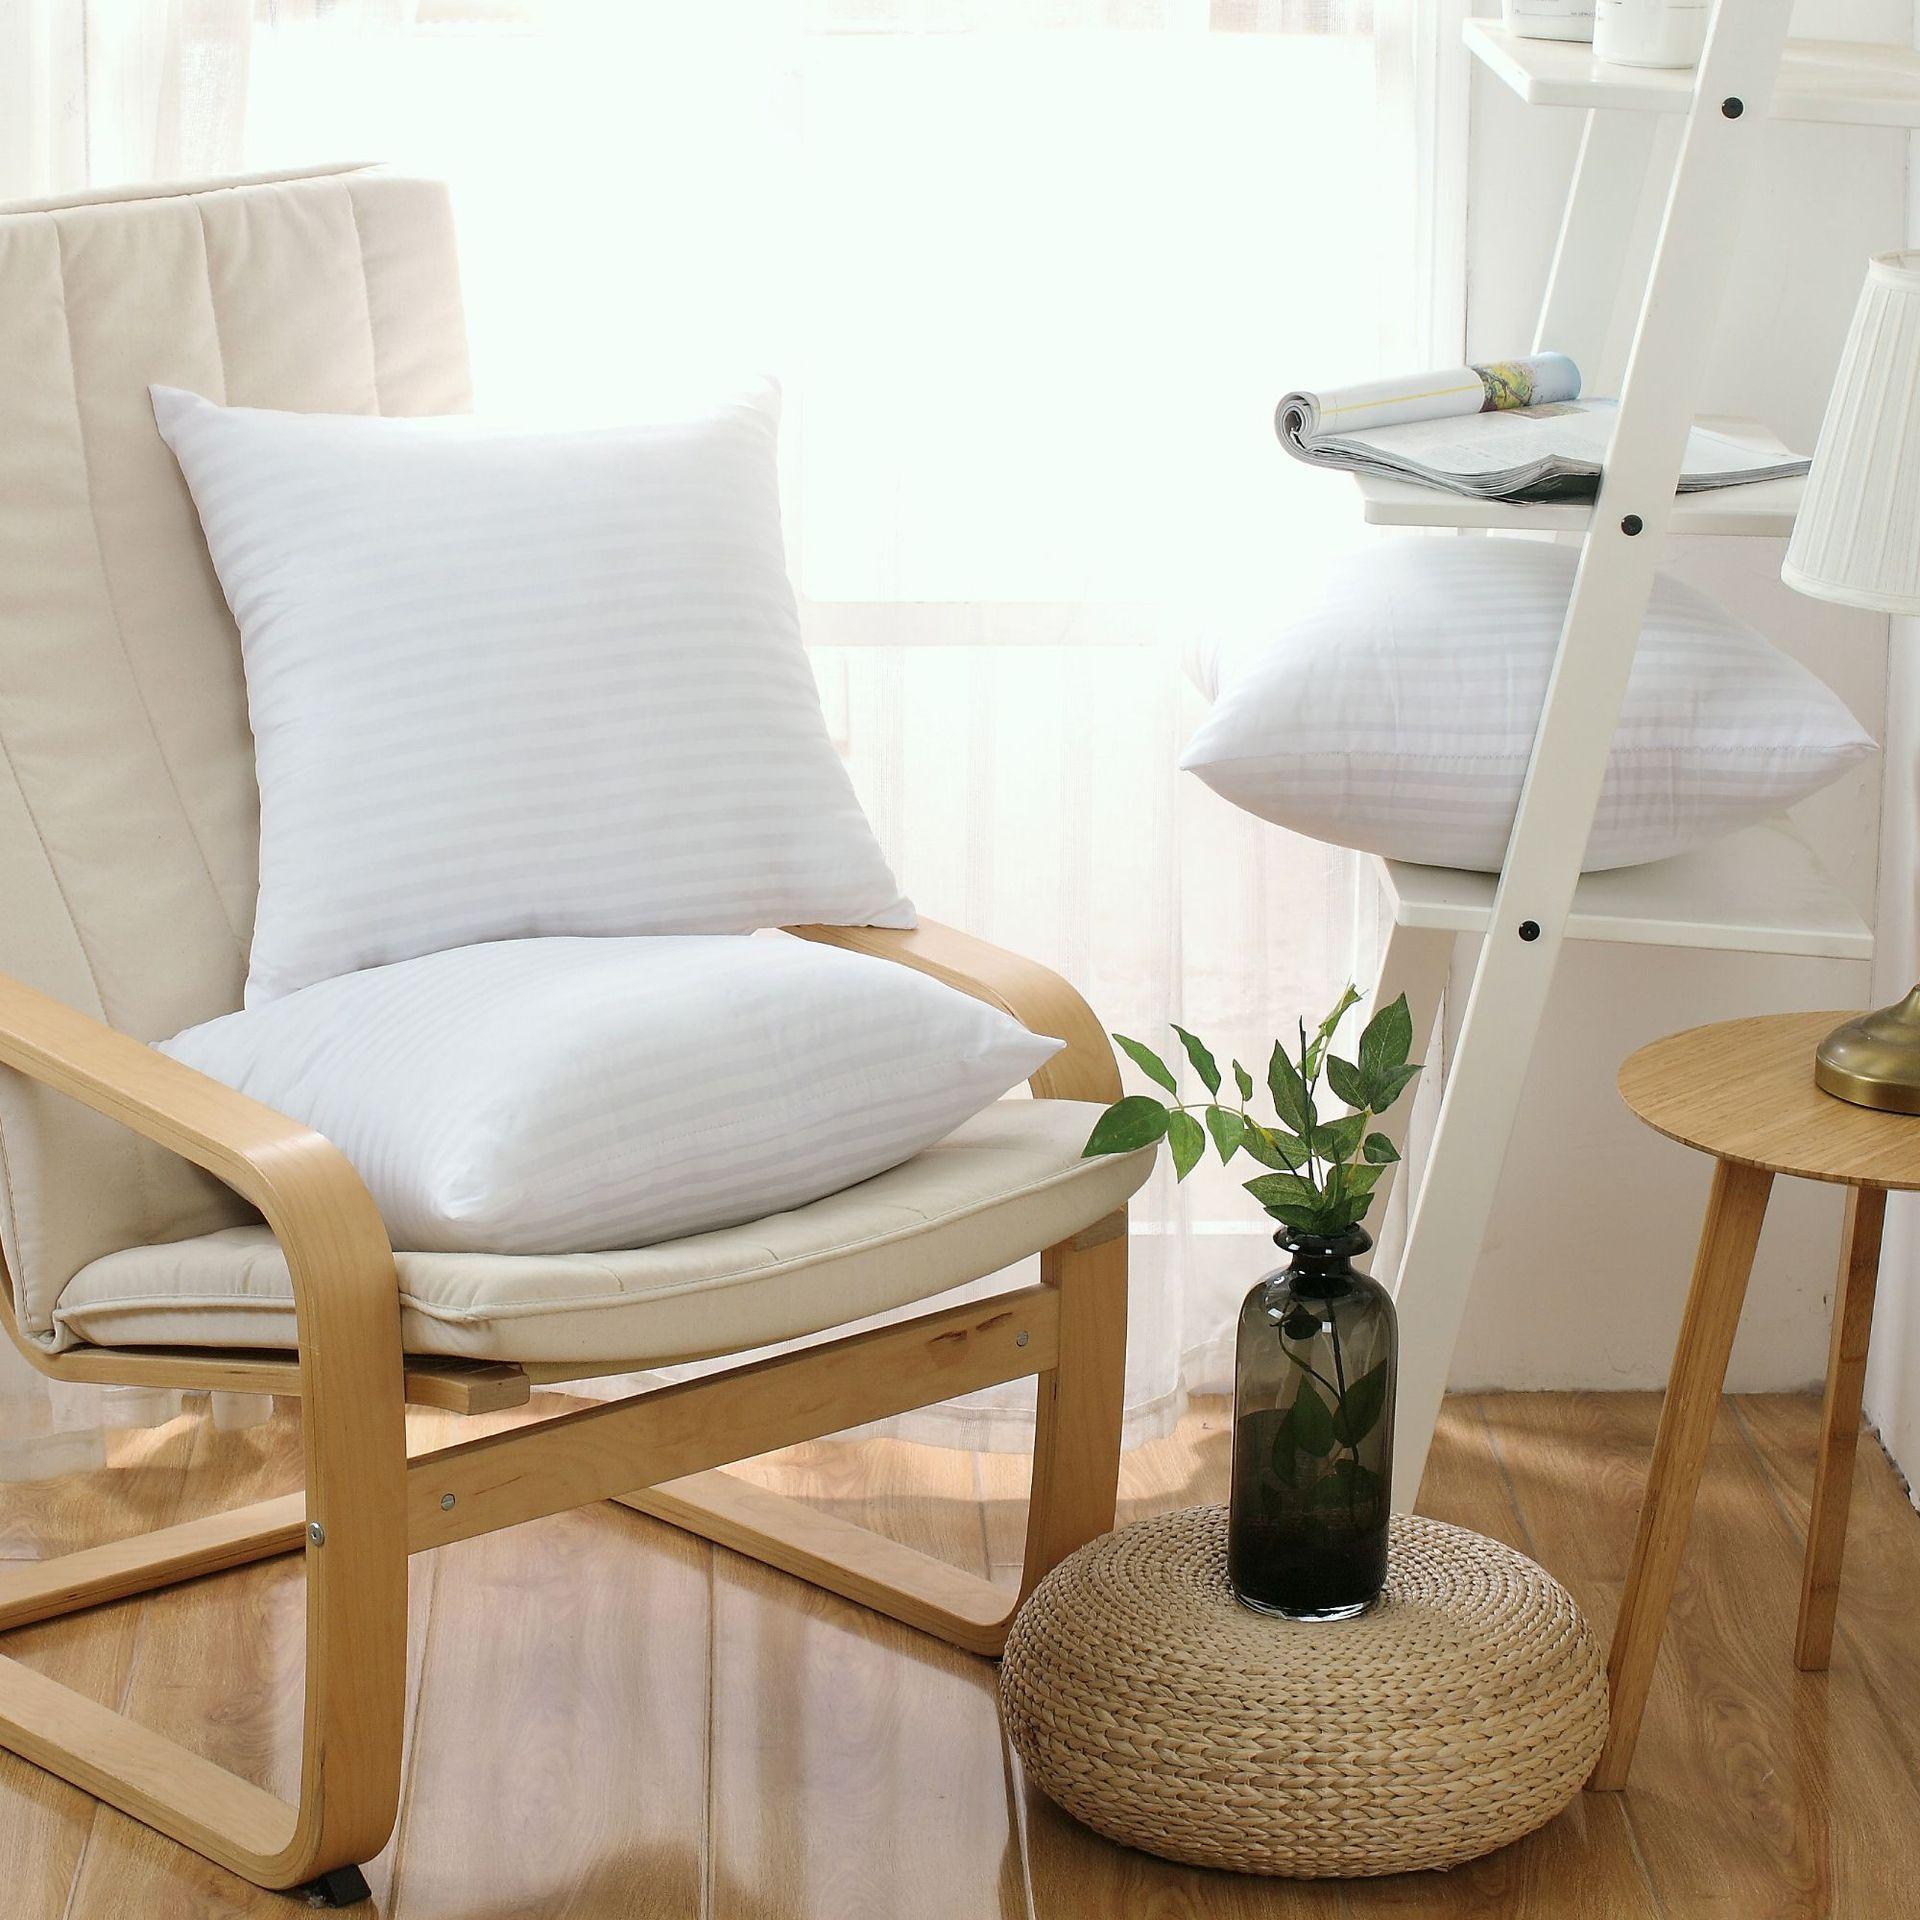 Gối tựa lưng ghế sofa , thiết kế màu trắng đơn giản .